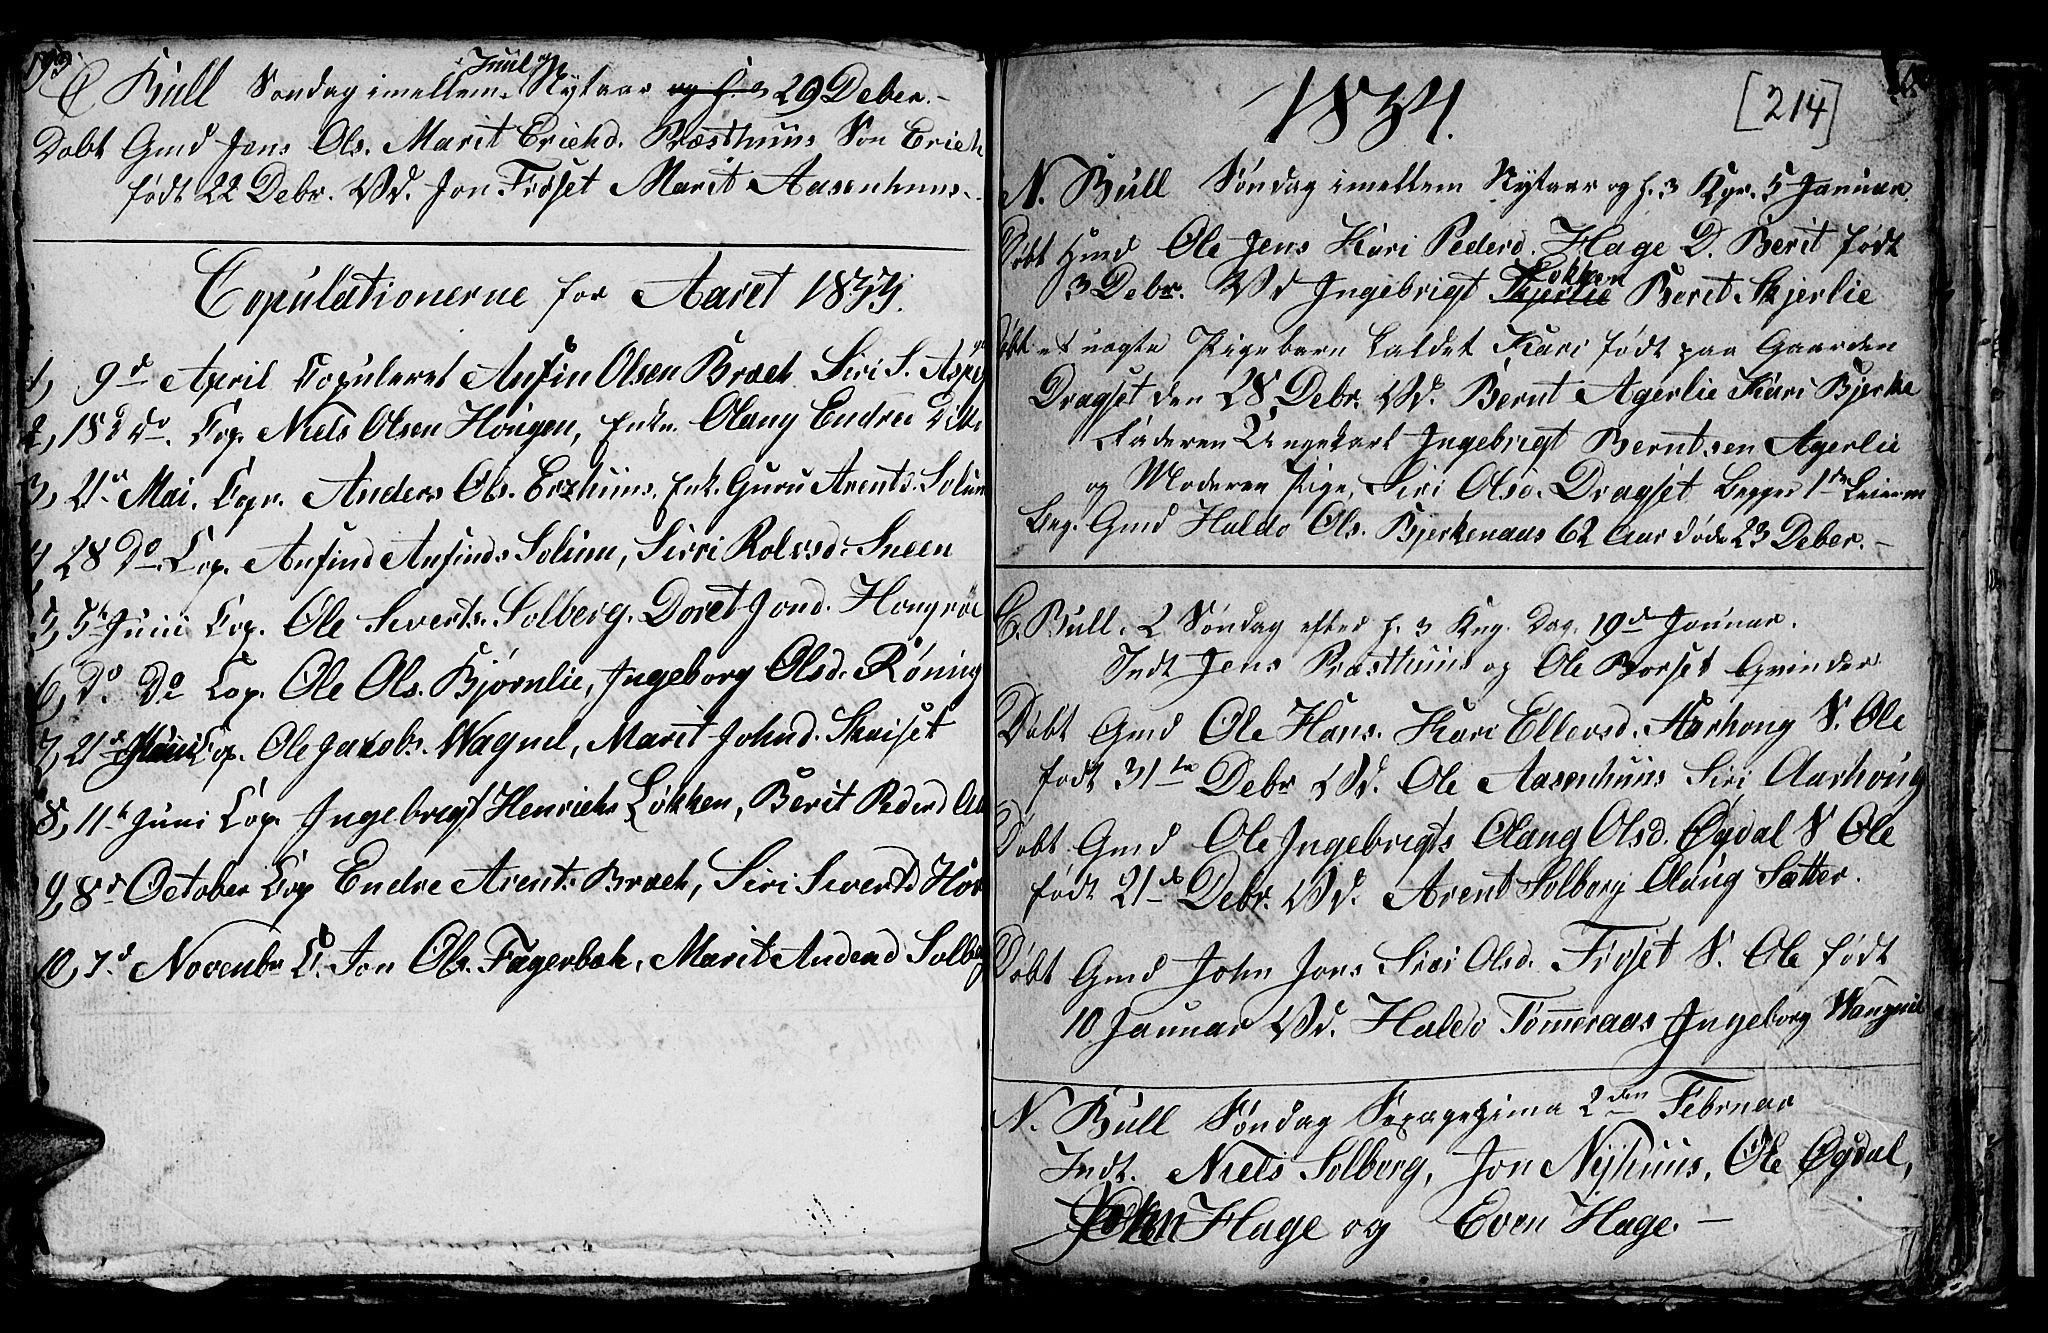 SAT, Ministerialprotokoller, klokkerbøker og fødselsregistre - Sør-Trøndelag, 689/L1042: Klokkerbok nr. 689C01, 1812-1841, s. 213-214